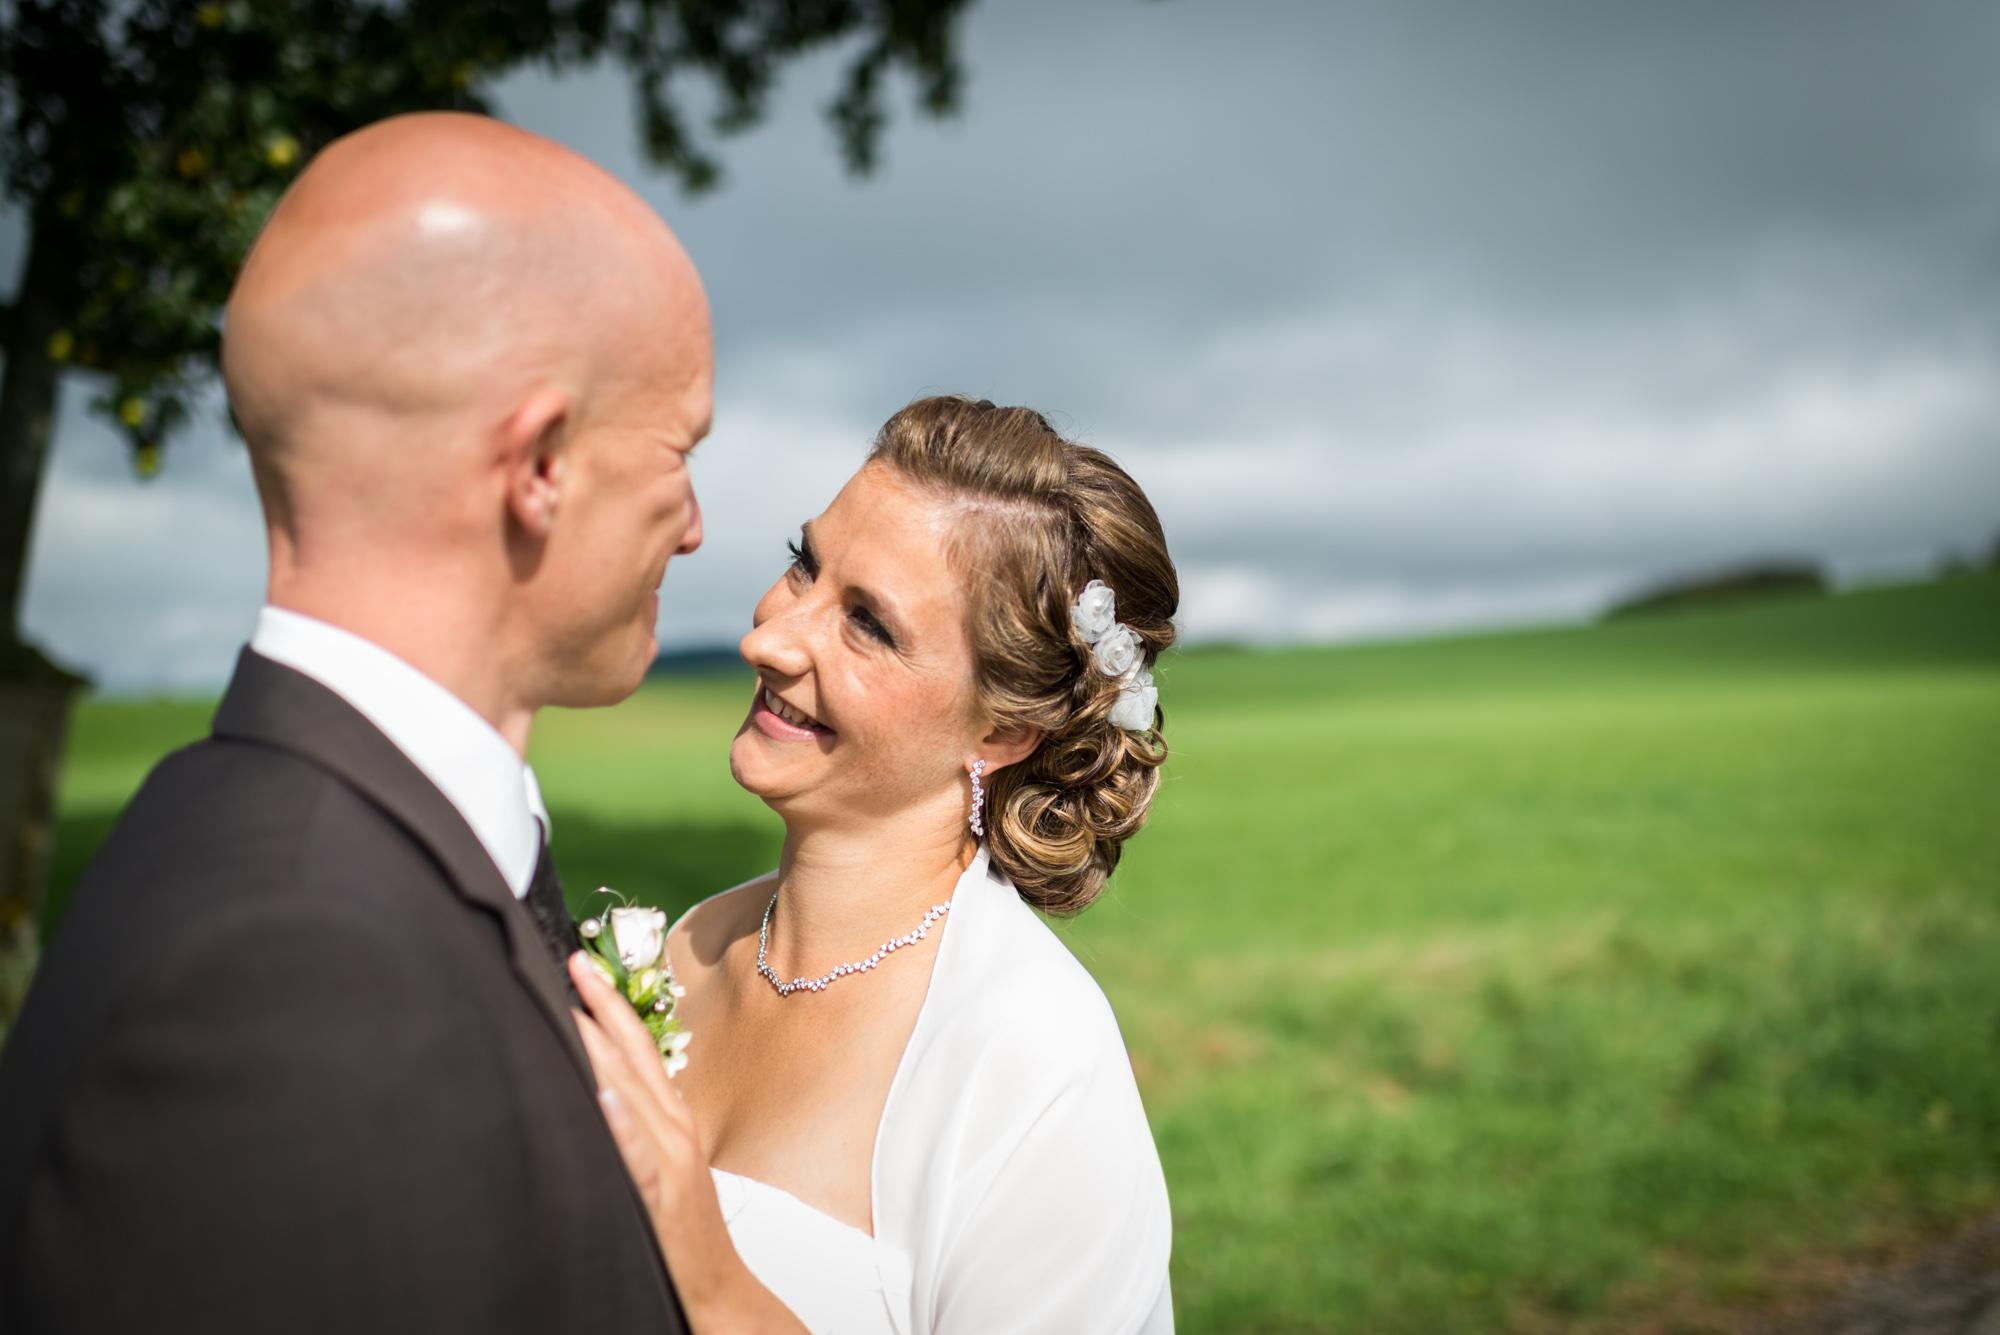 Fotograf Konstanz - Hochzeit Katja und Christian 56 - Als Hochzeitsfotograf in Bad Dürrheim unterwegs  - 22 -